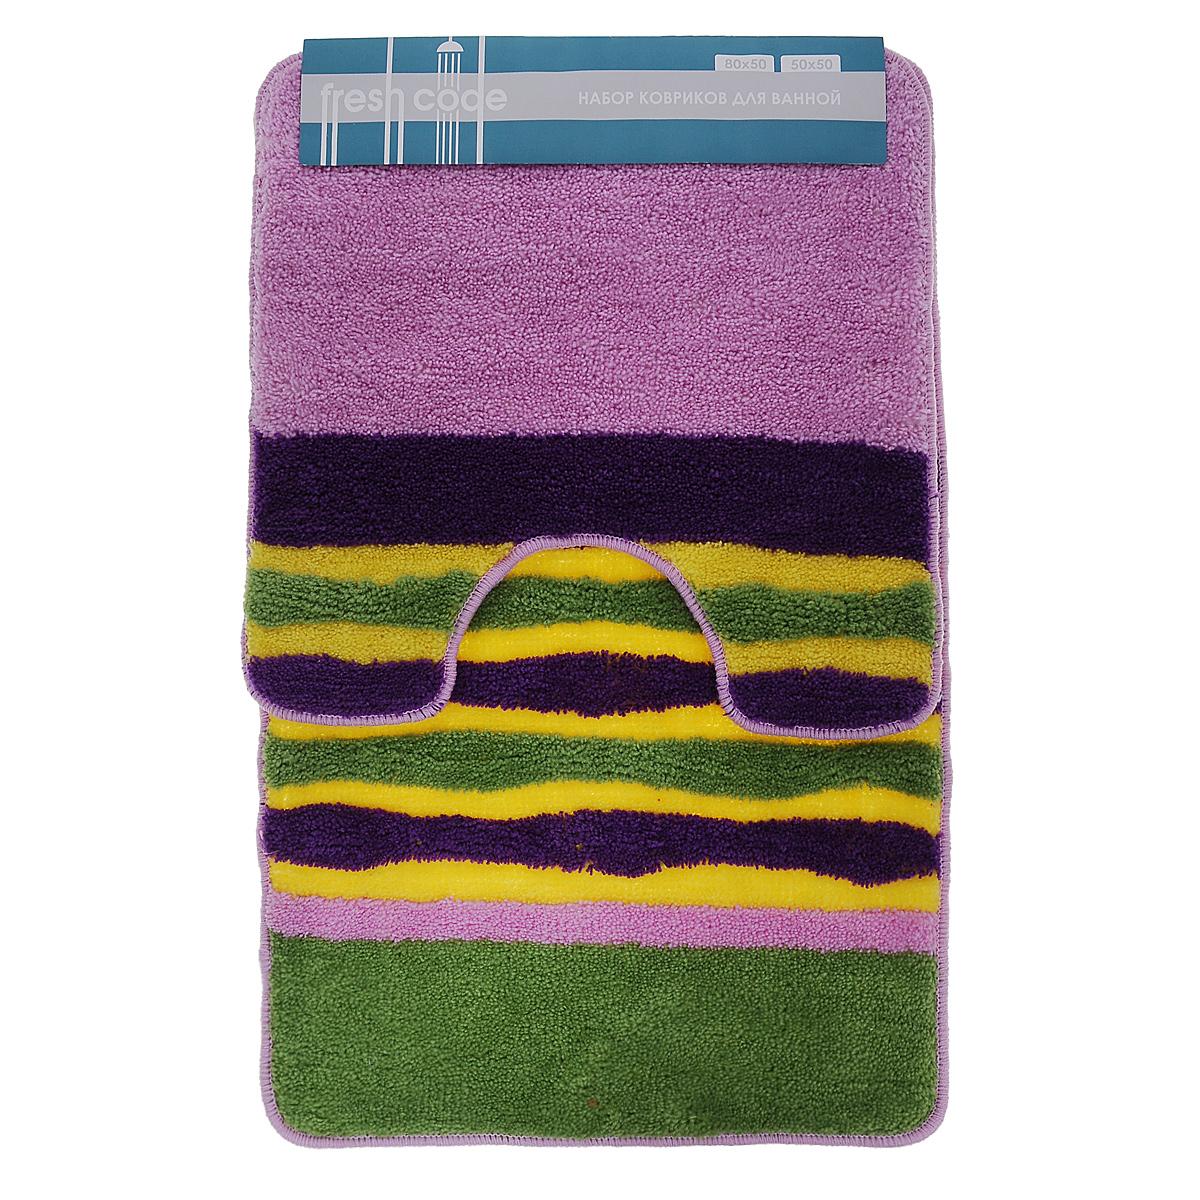 Комплект ковриков для ванной Fresh Code, цвет: салатовый, сиреневый, фиолетовый, 2 предметаS03301004Комплект Fresh Code состоит из коврика для ванной комнаты и туалета. Коврики изготовлены из акрила. Это экологически чистый, быстросохнущий, мягкий и износостойкий материал. Красители устойчивы, поэтому коврики не потускнеют даже после многократных стирок. Благодаря латексной основе коврики не скользят на полу. Края изделий обработаны оверлоком. Набор для ванной Fresh Code подарит ощущение тепла и комфорта, а также привнесет уют в вашу ванную комнату.Высота ворса: 1 см.Размер коврика для ванной комнаты: 80 см х 50 см.Размер коврика для туалета: 50 см х 50 см.